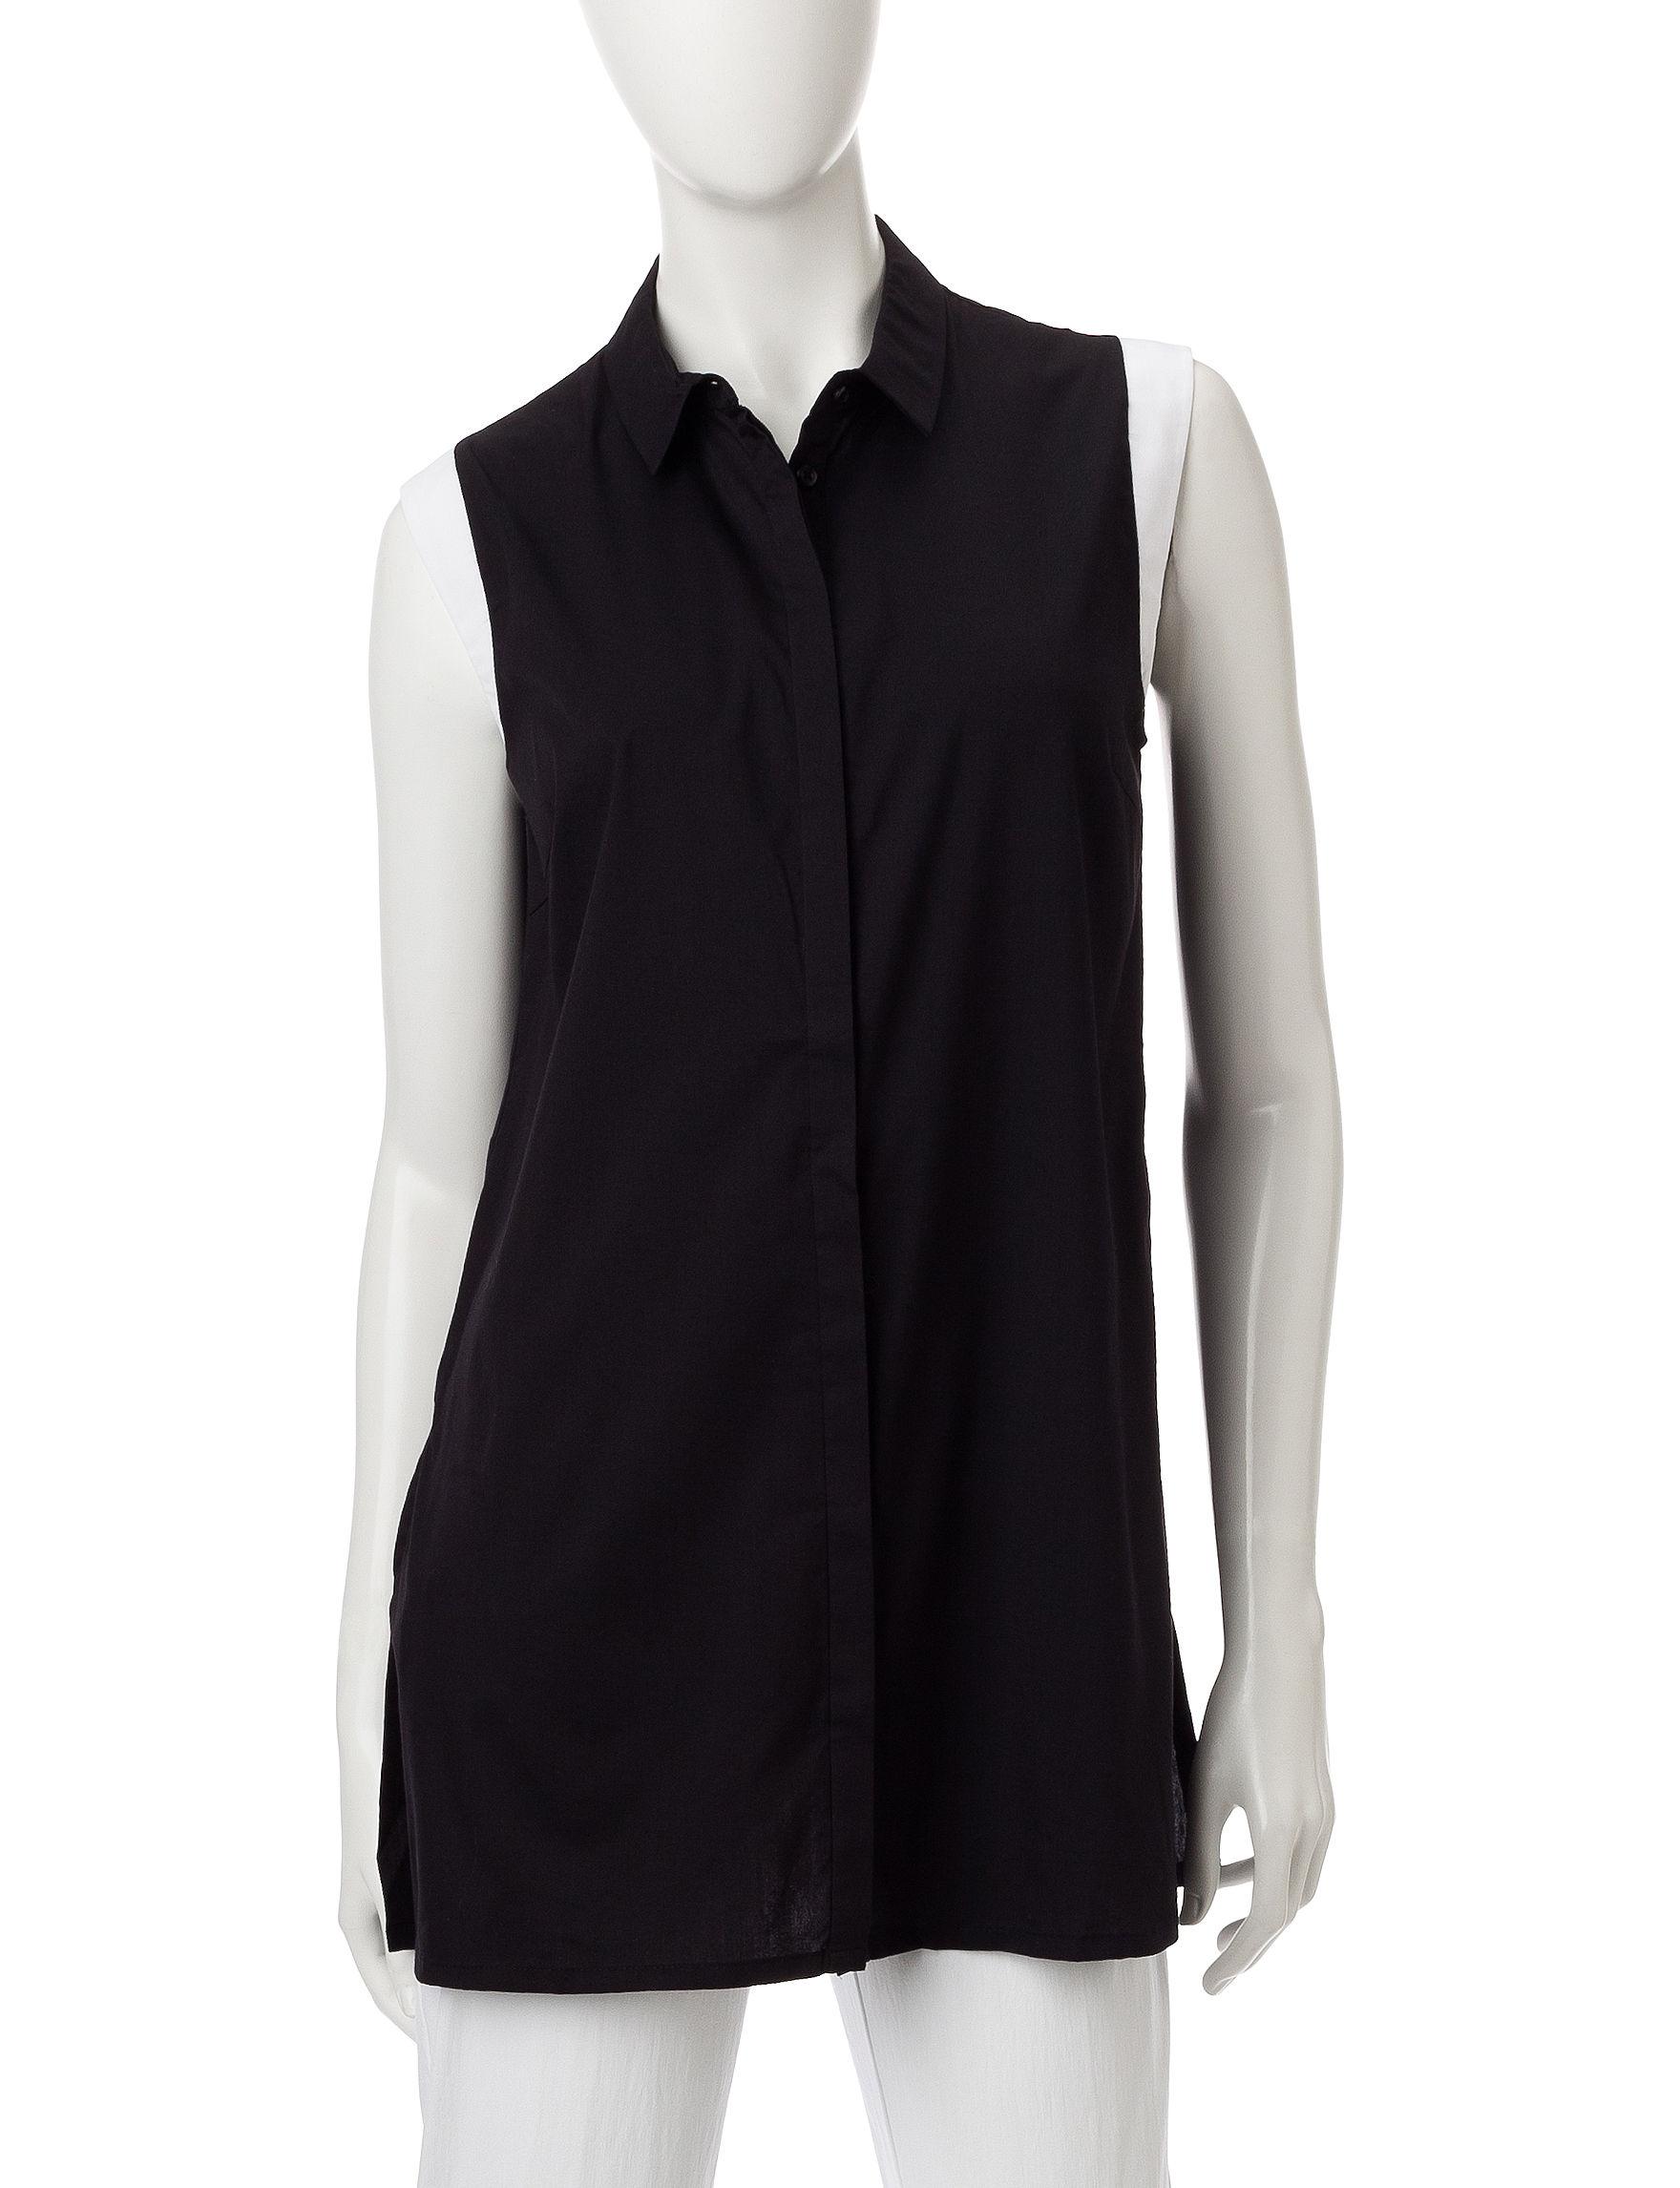 Valerie Stevens Black / White Shirts & Blouses